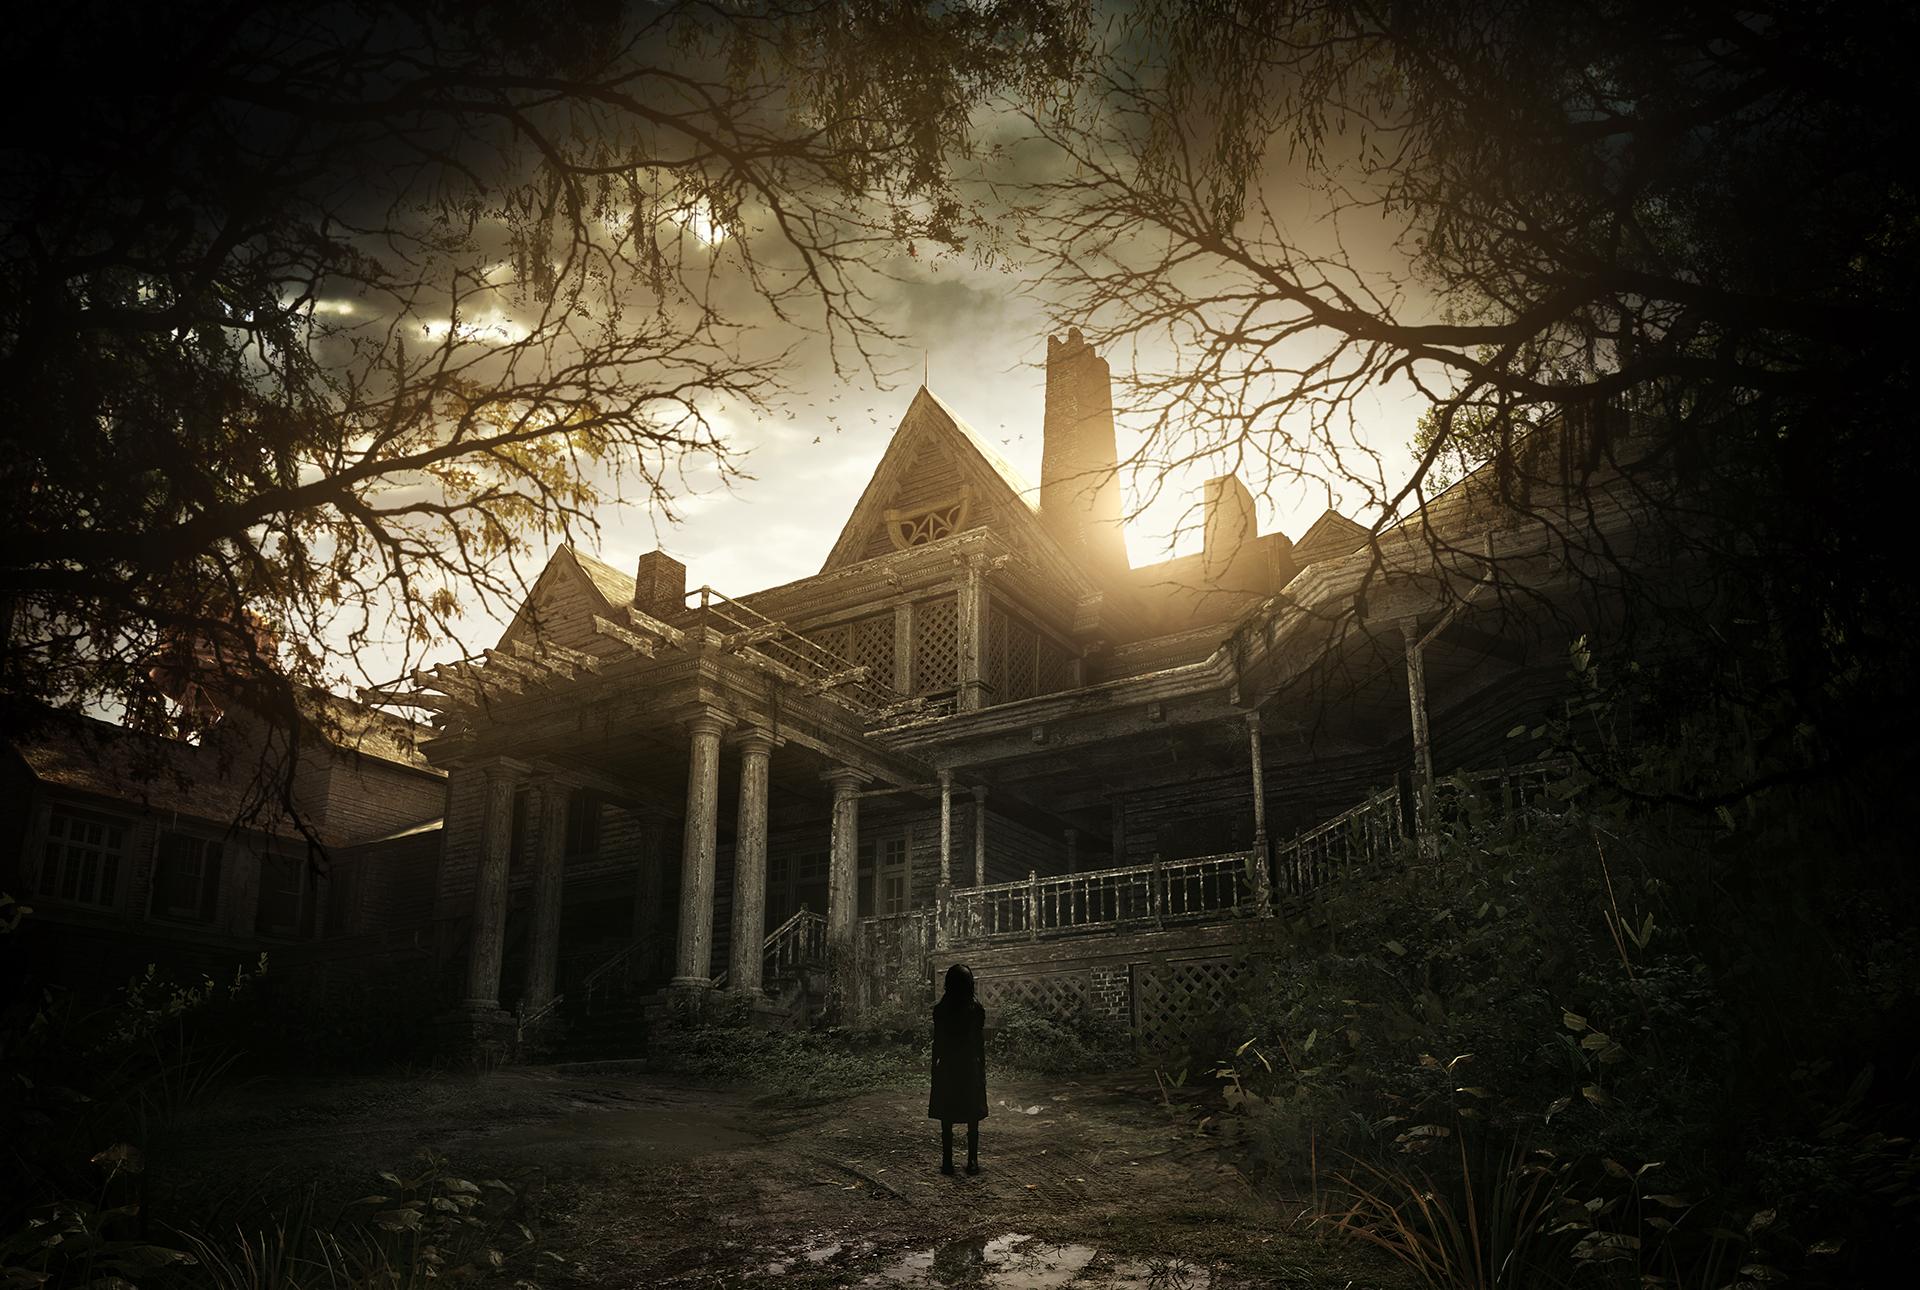 Hd wallpaper resident evil - Video Game Resident Evil 7 Biohazard Resident Evil Dark Wallpaper